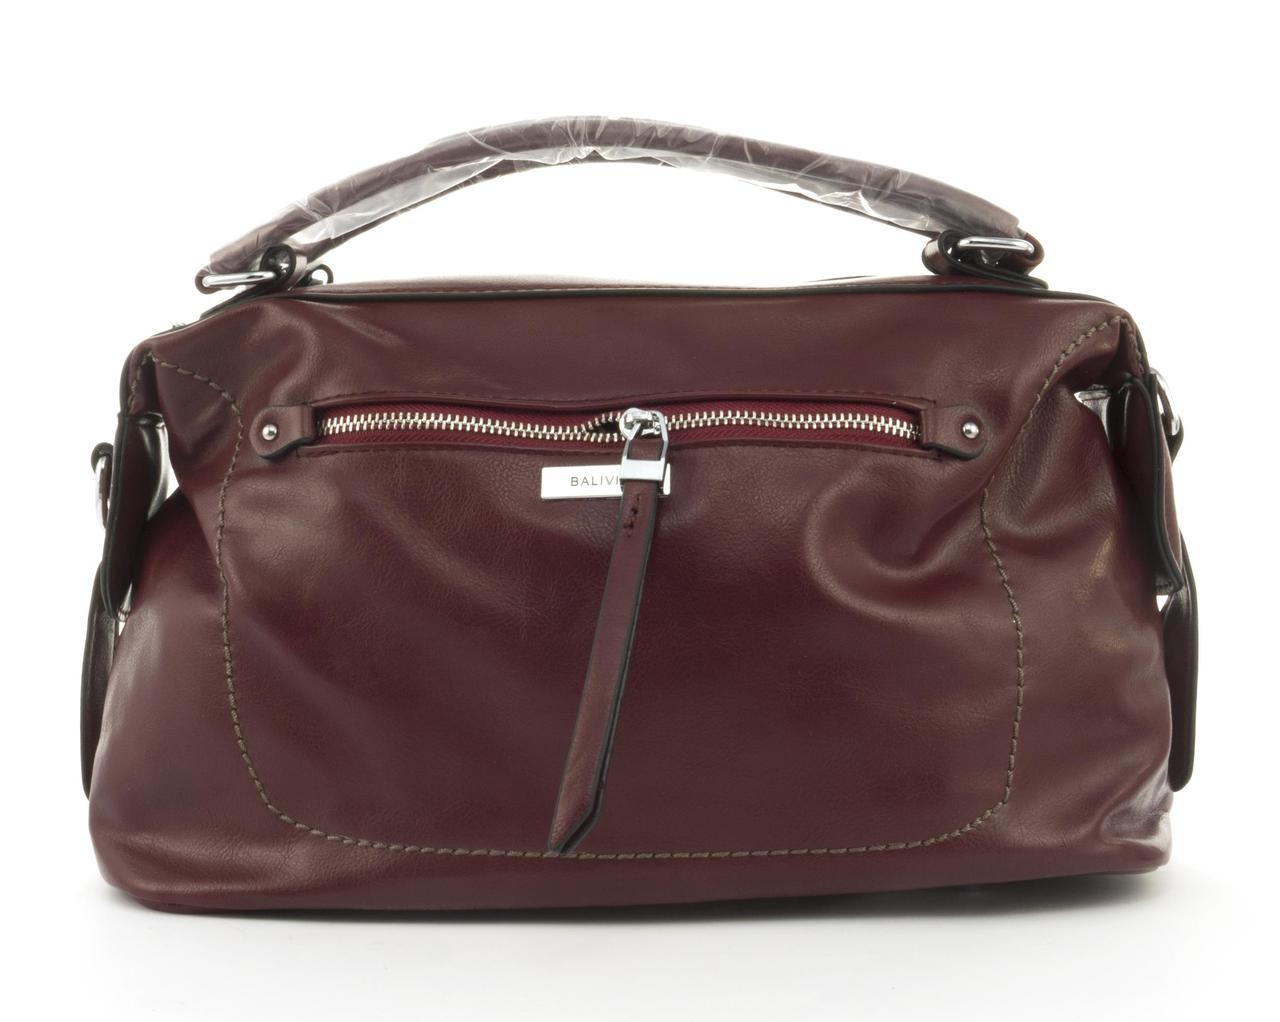 Стильная женская качественная сумка саквояж с мягкой эко кожи BALIVIYA art. 7305 бордовая